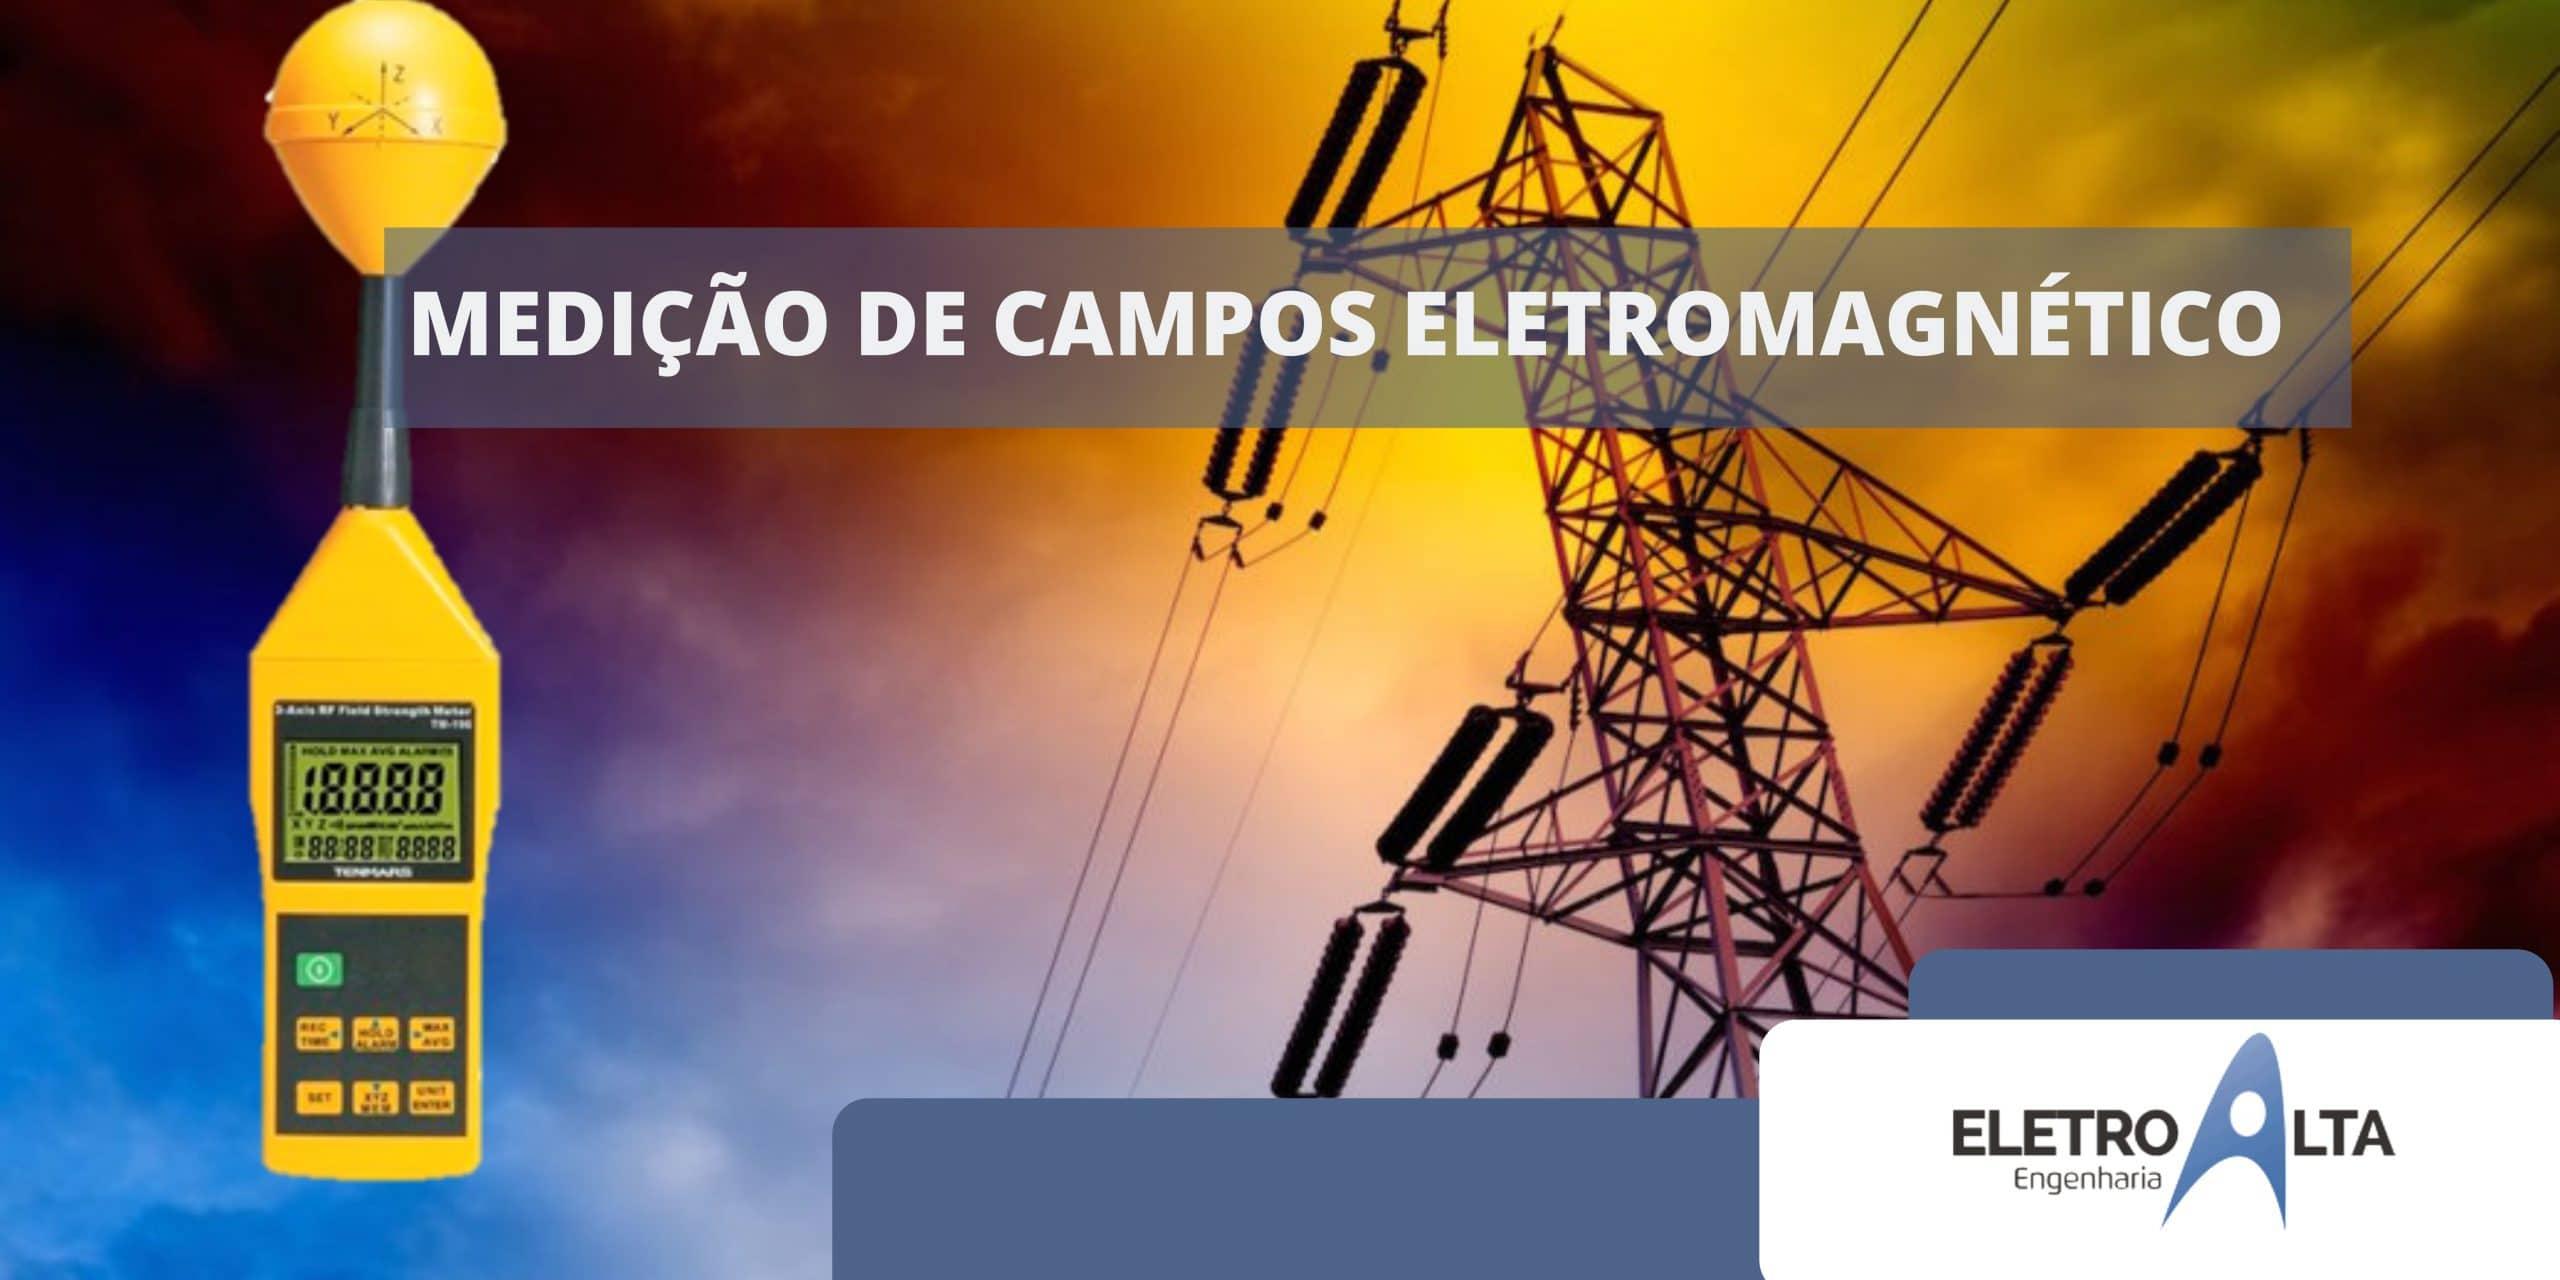 MEDIÇÃO CAMPO ELETROMAGNÉTICO